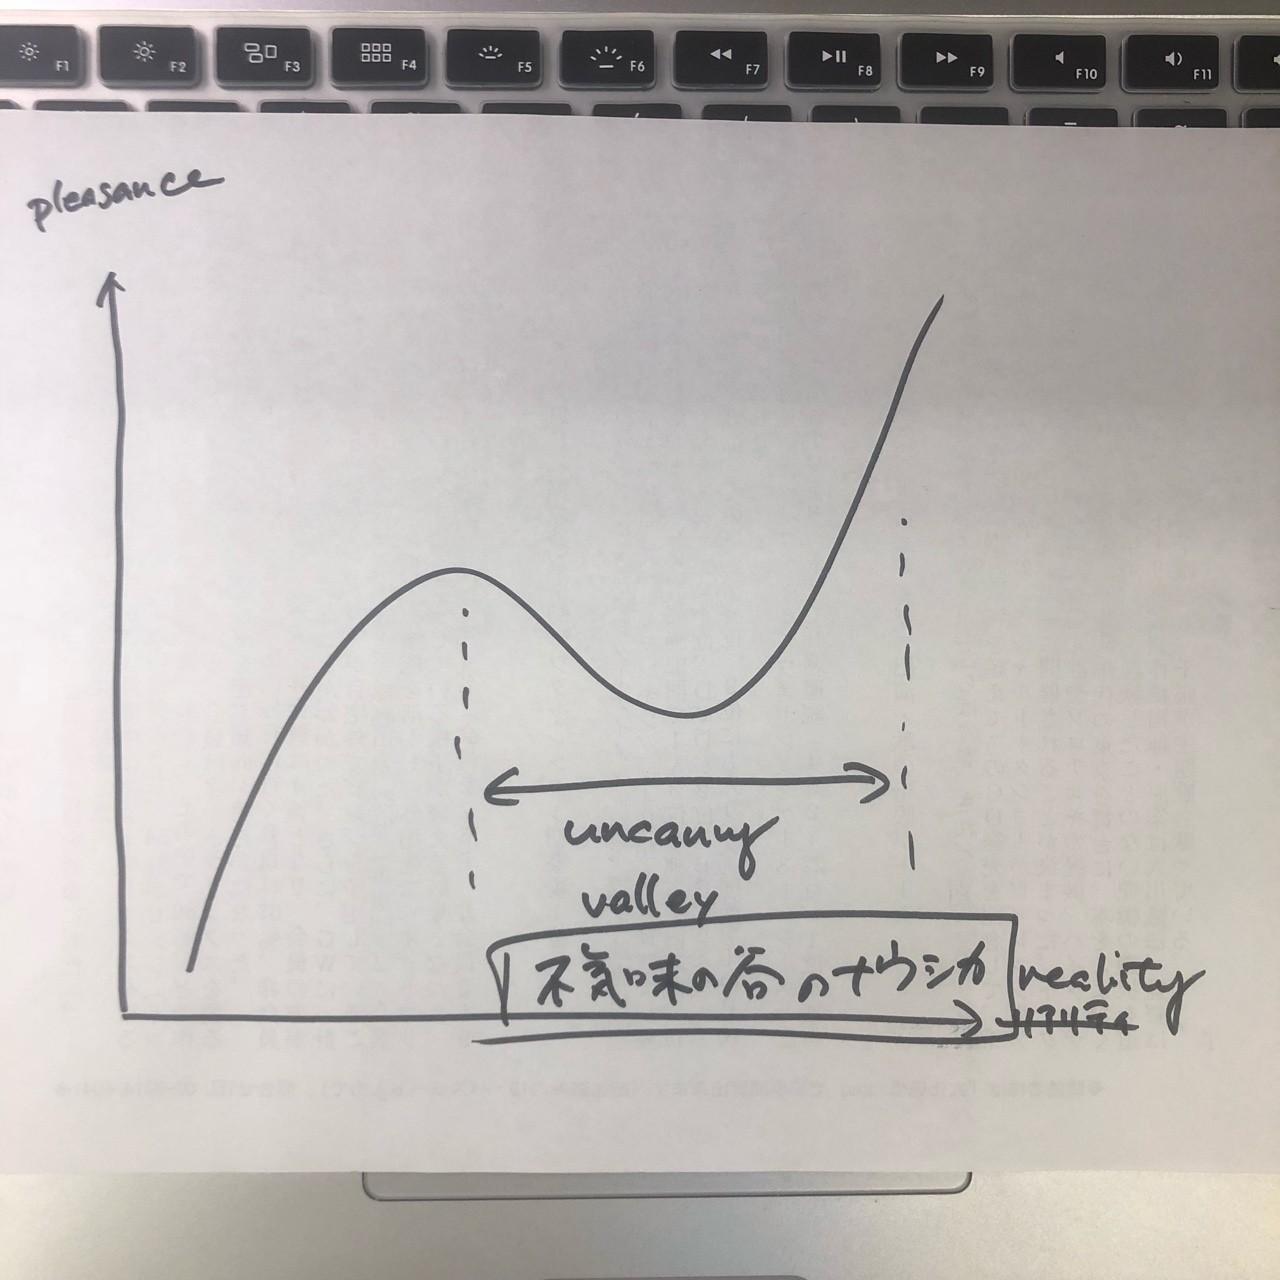 「不気味の谷」をざっくりと描いてたら、ひらめいた。もうあるかな。中途半端にリアルなCGのナウシカを、だれか作ってくれないかな。何はともあれ、突飛な発想でも、ときには記録していこう。